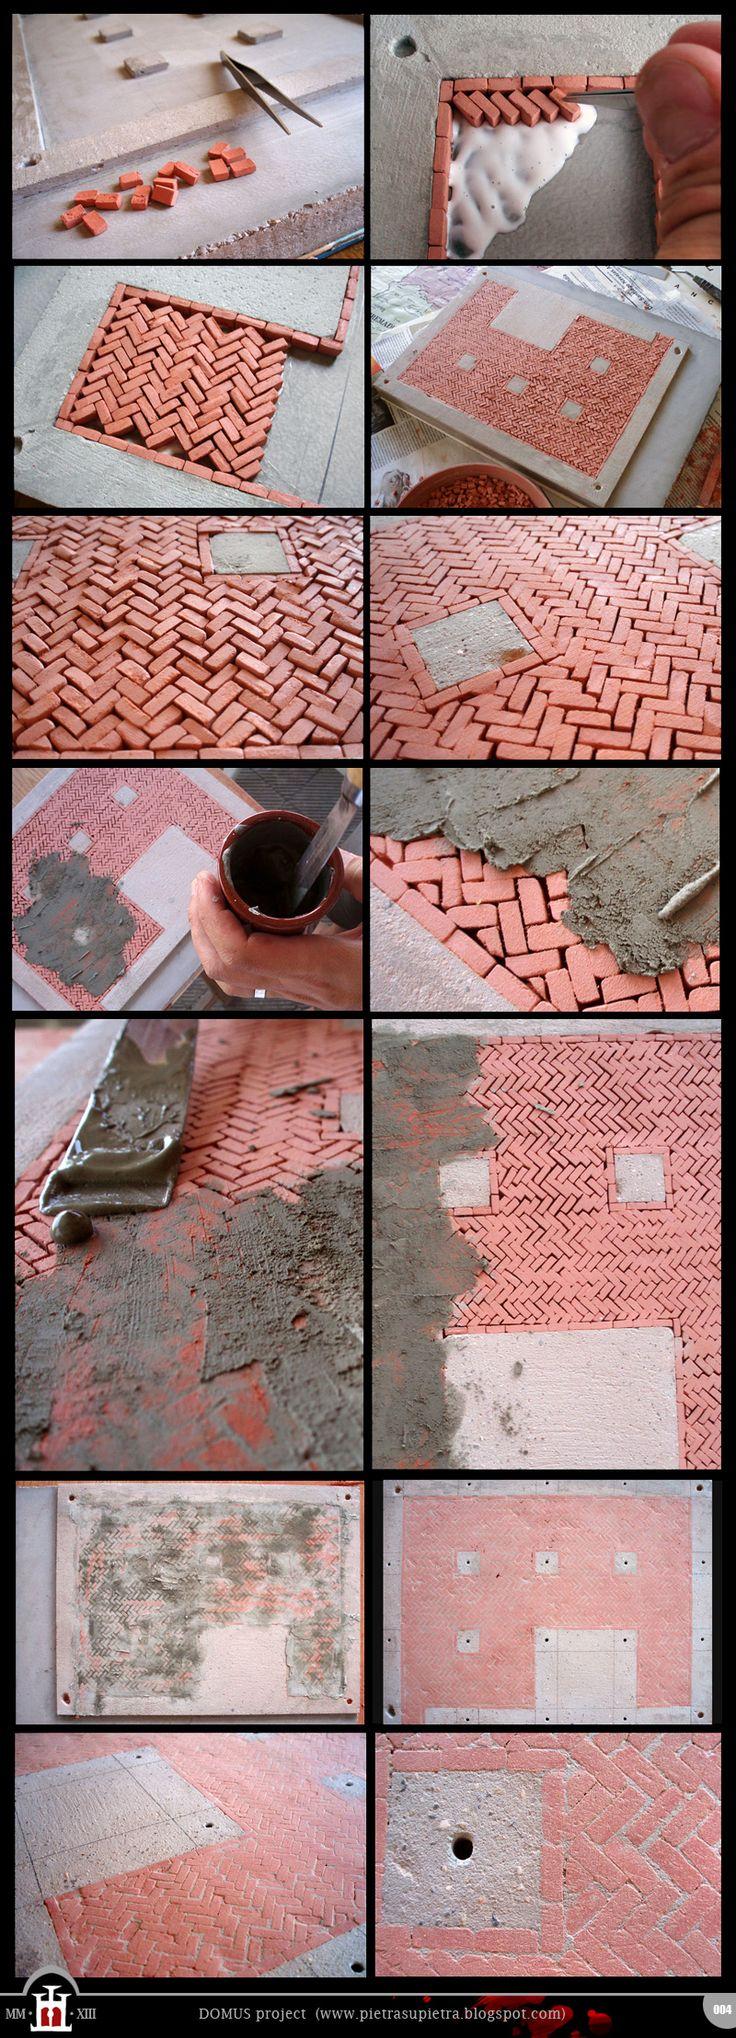 Oltre 25 fantastiche idee su tegole su pinterest - Tegole decorate istruzioni ...